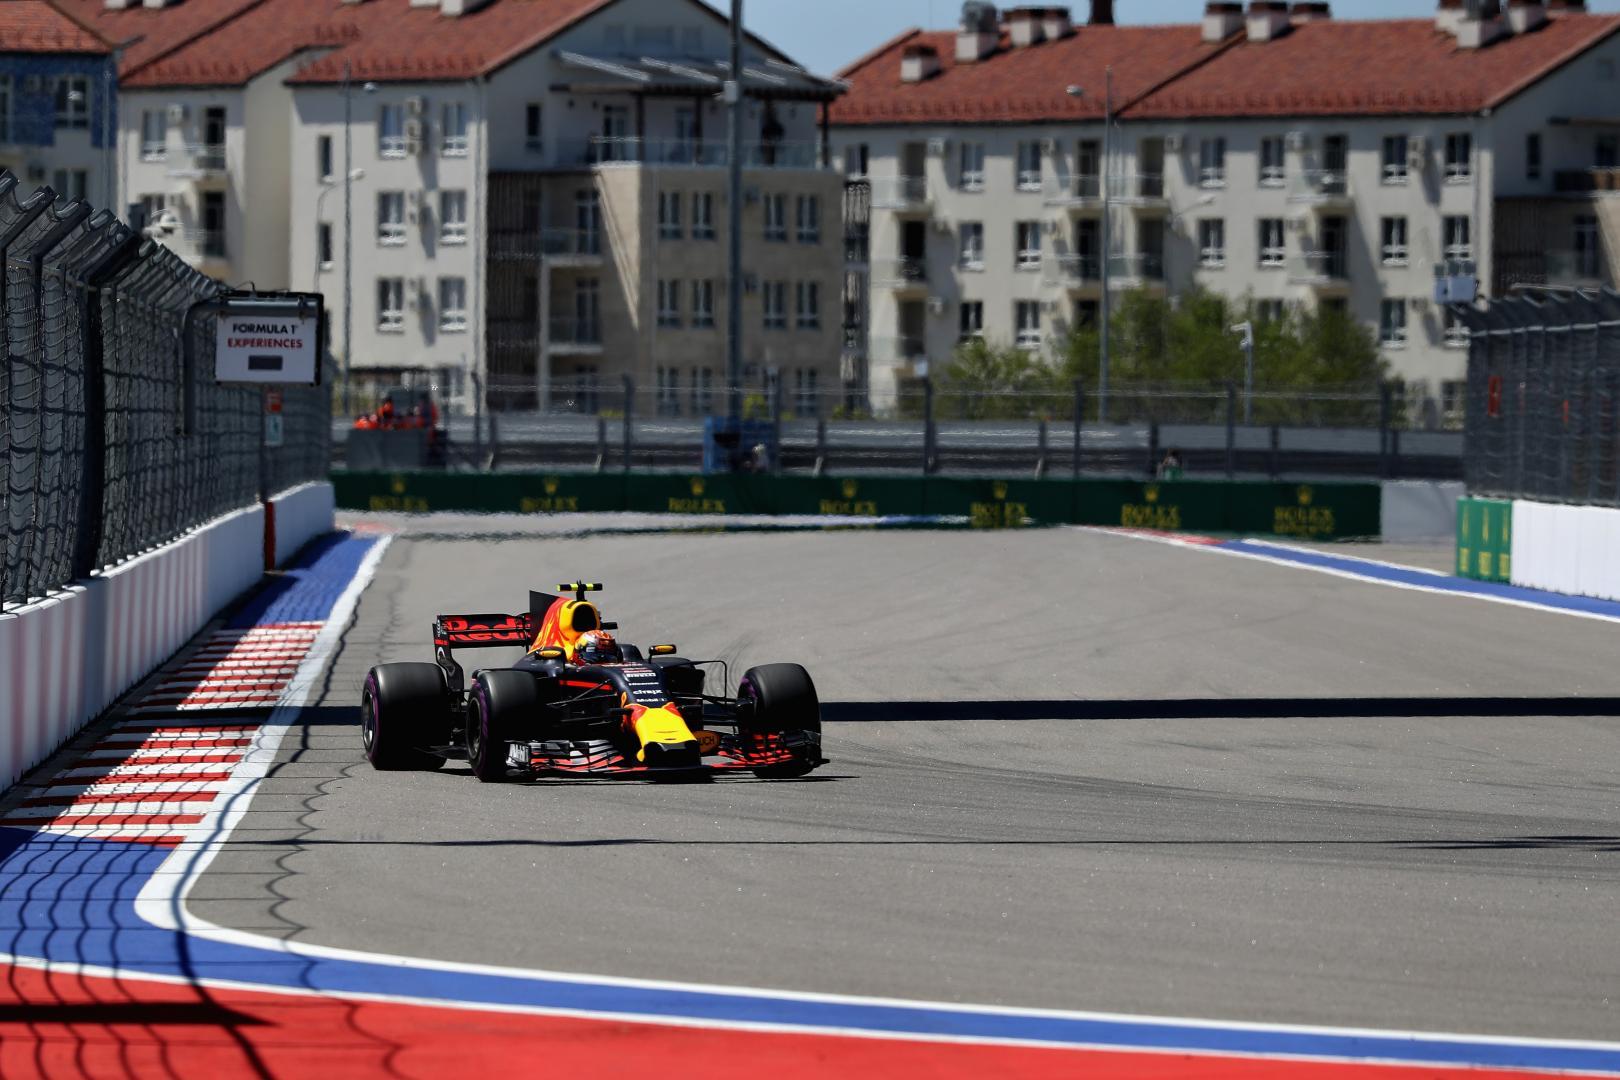 Uitslag van de GP van Rusland 2017